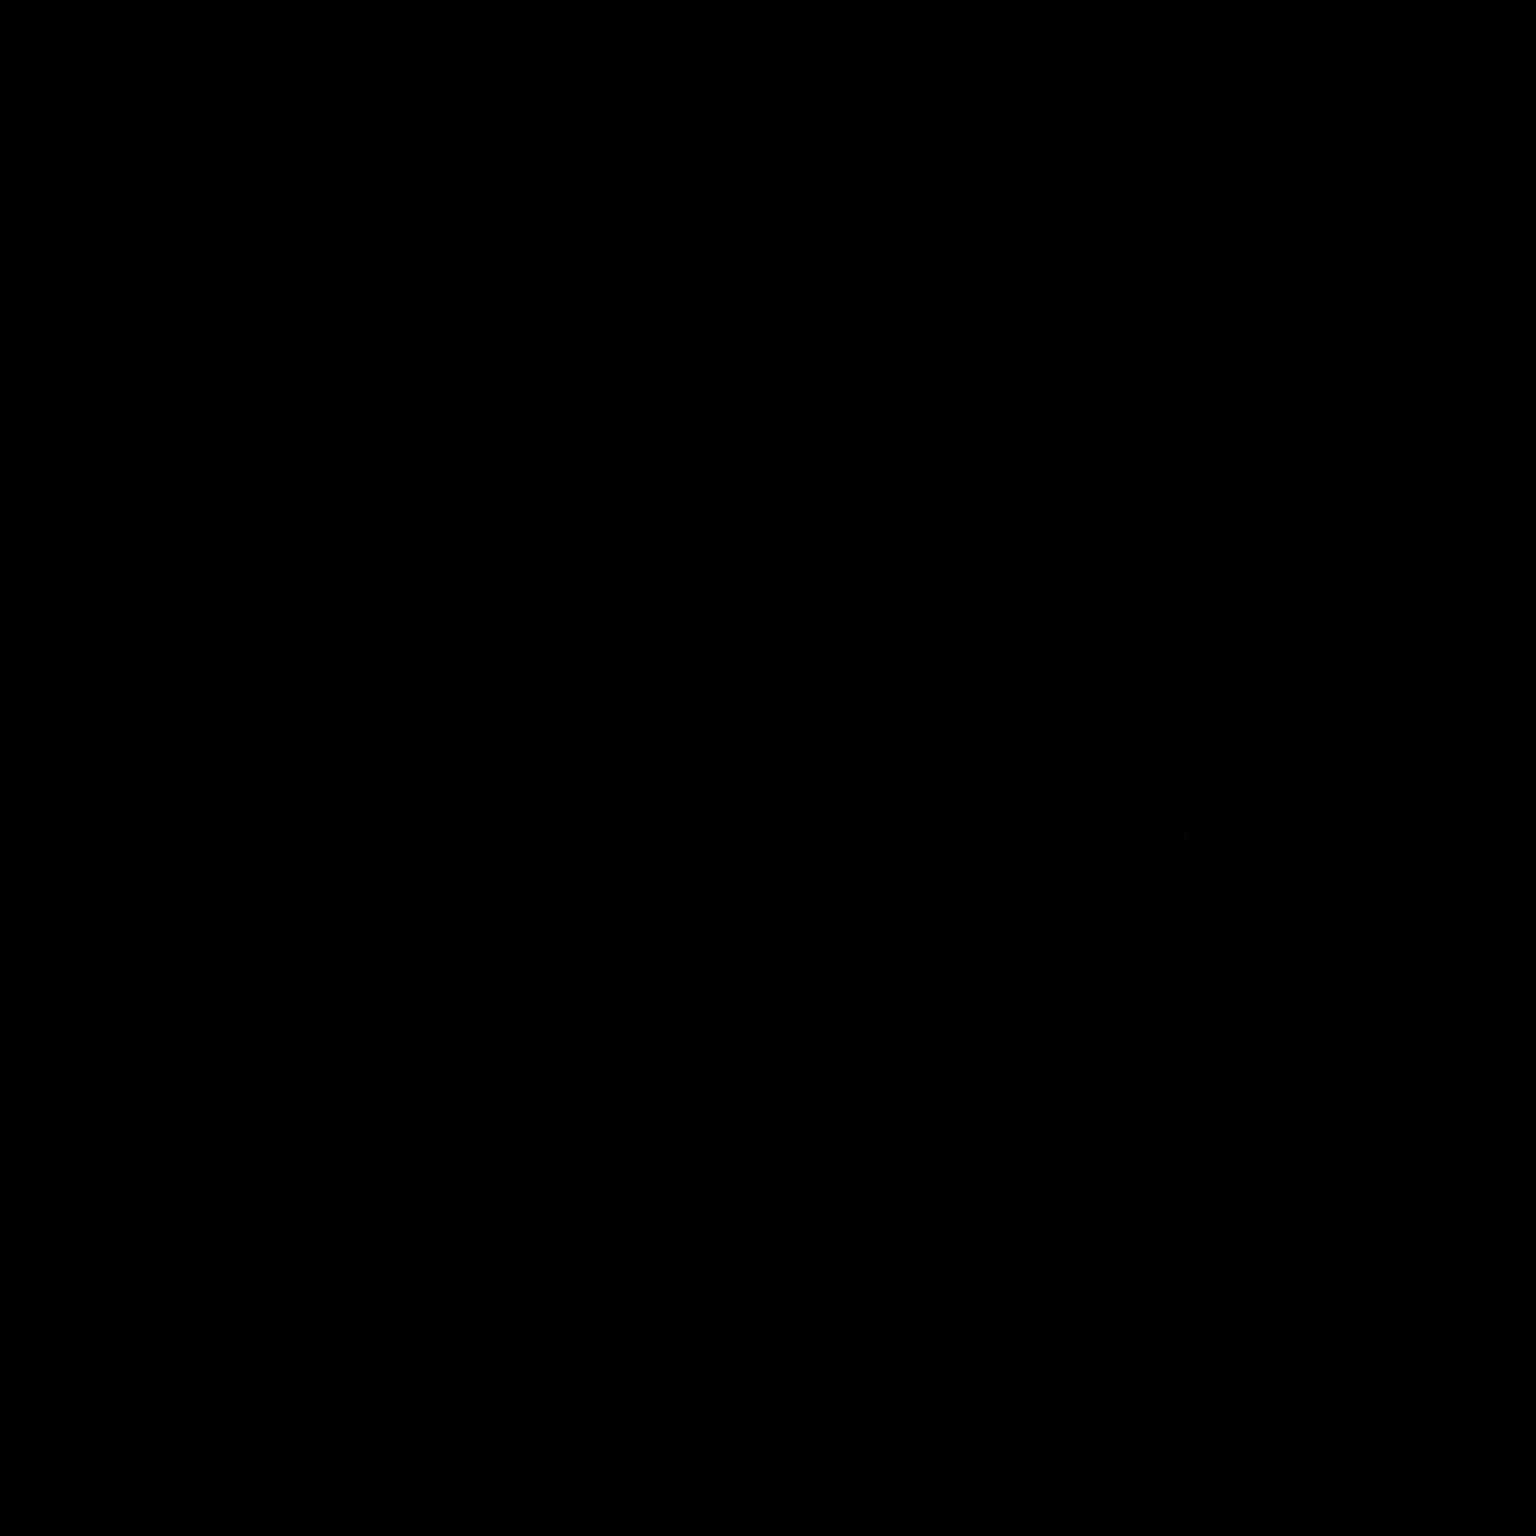 lildevill